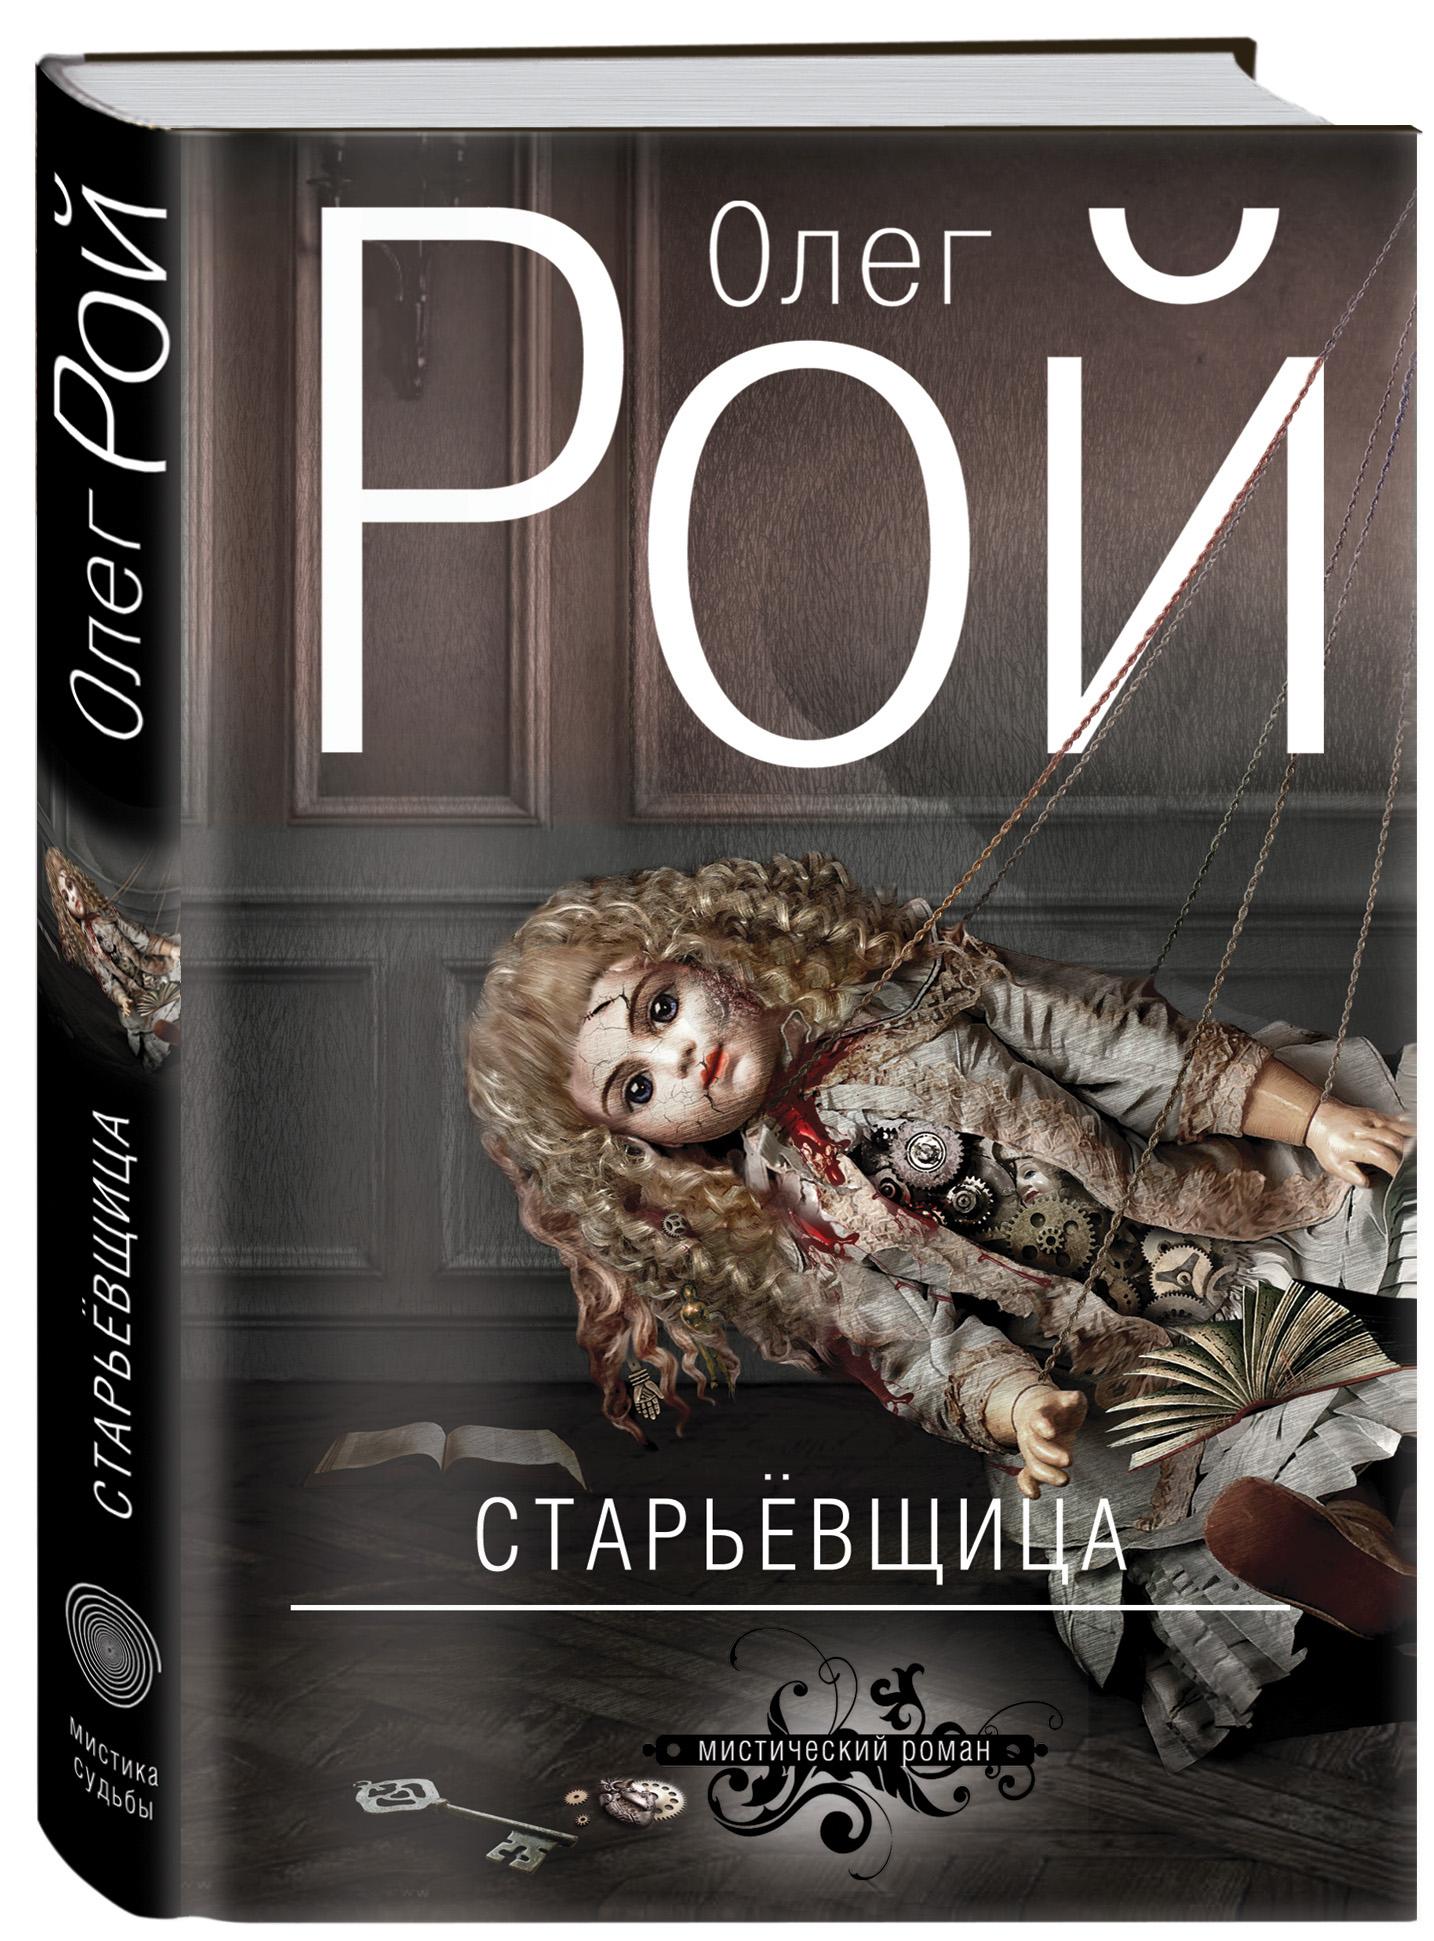 Олег Рой Старьевщица бушнелл к все на продажу